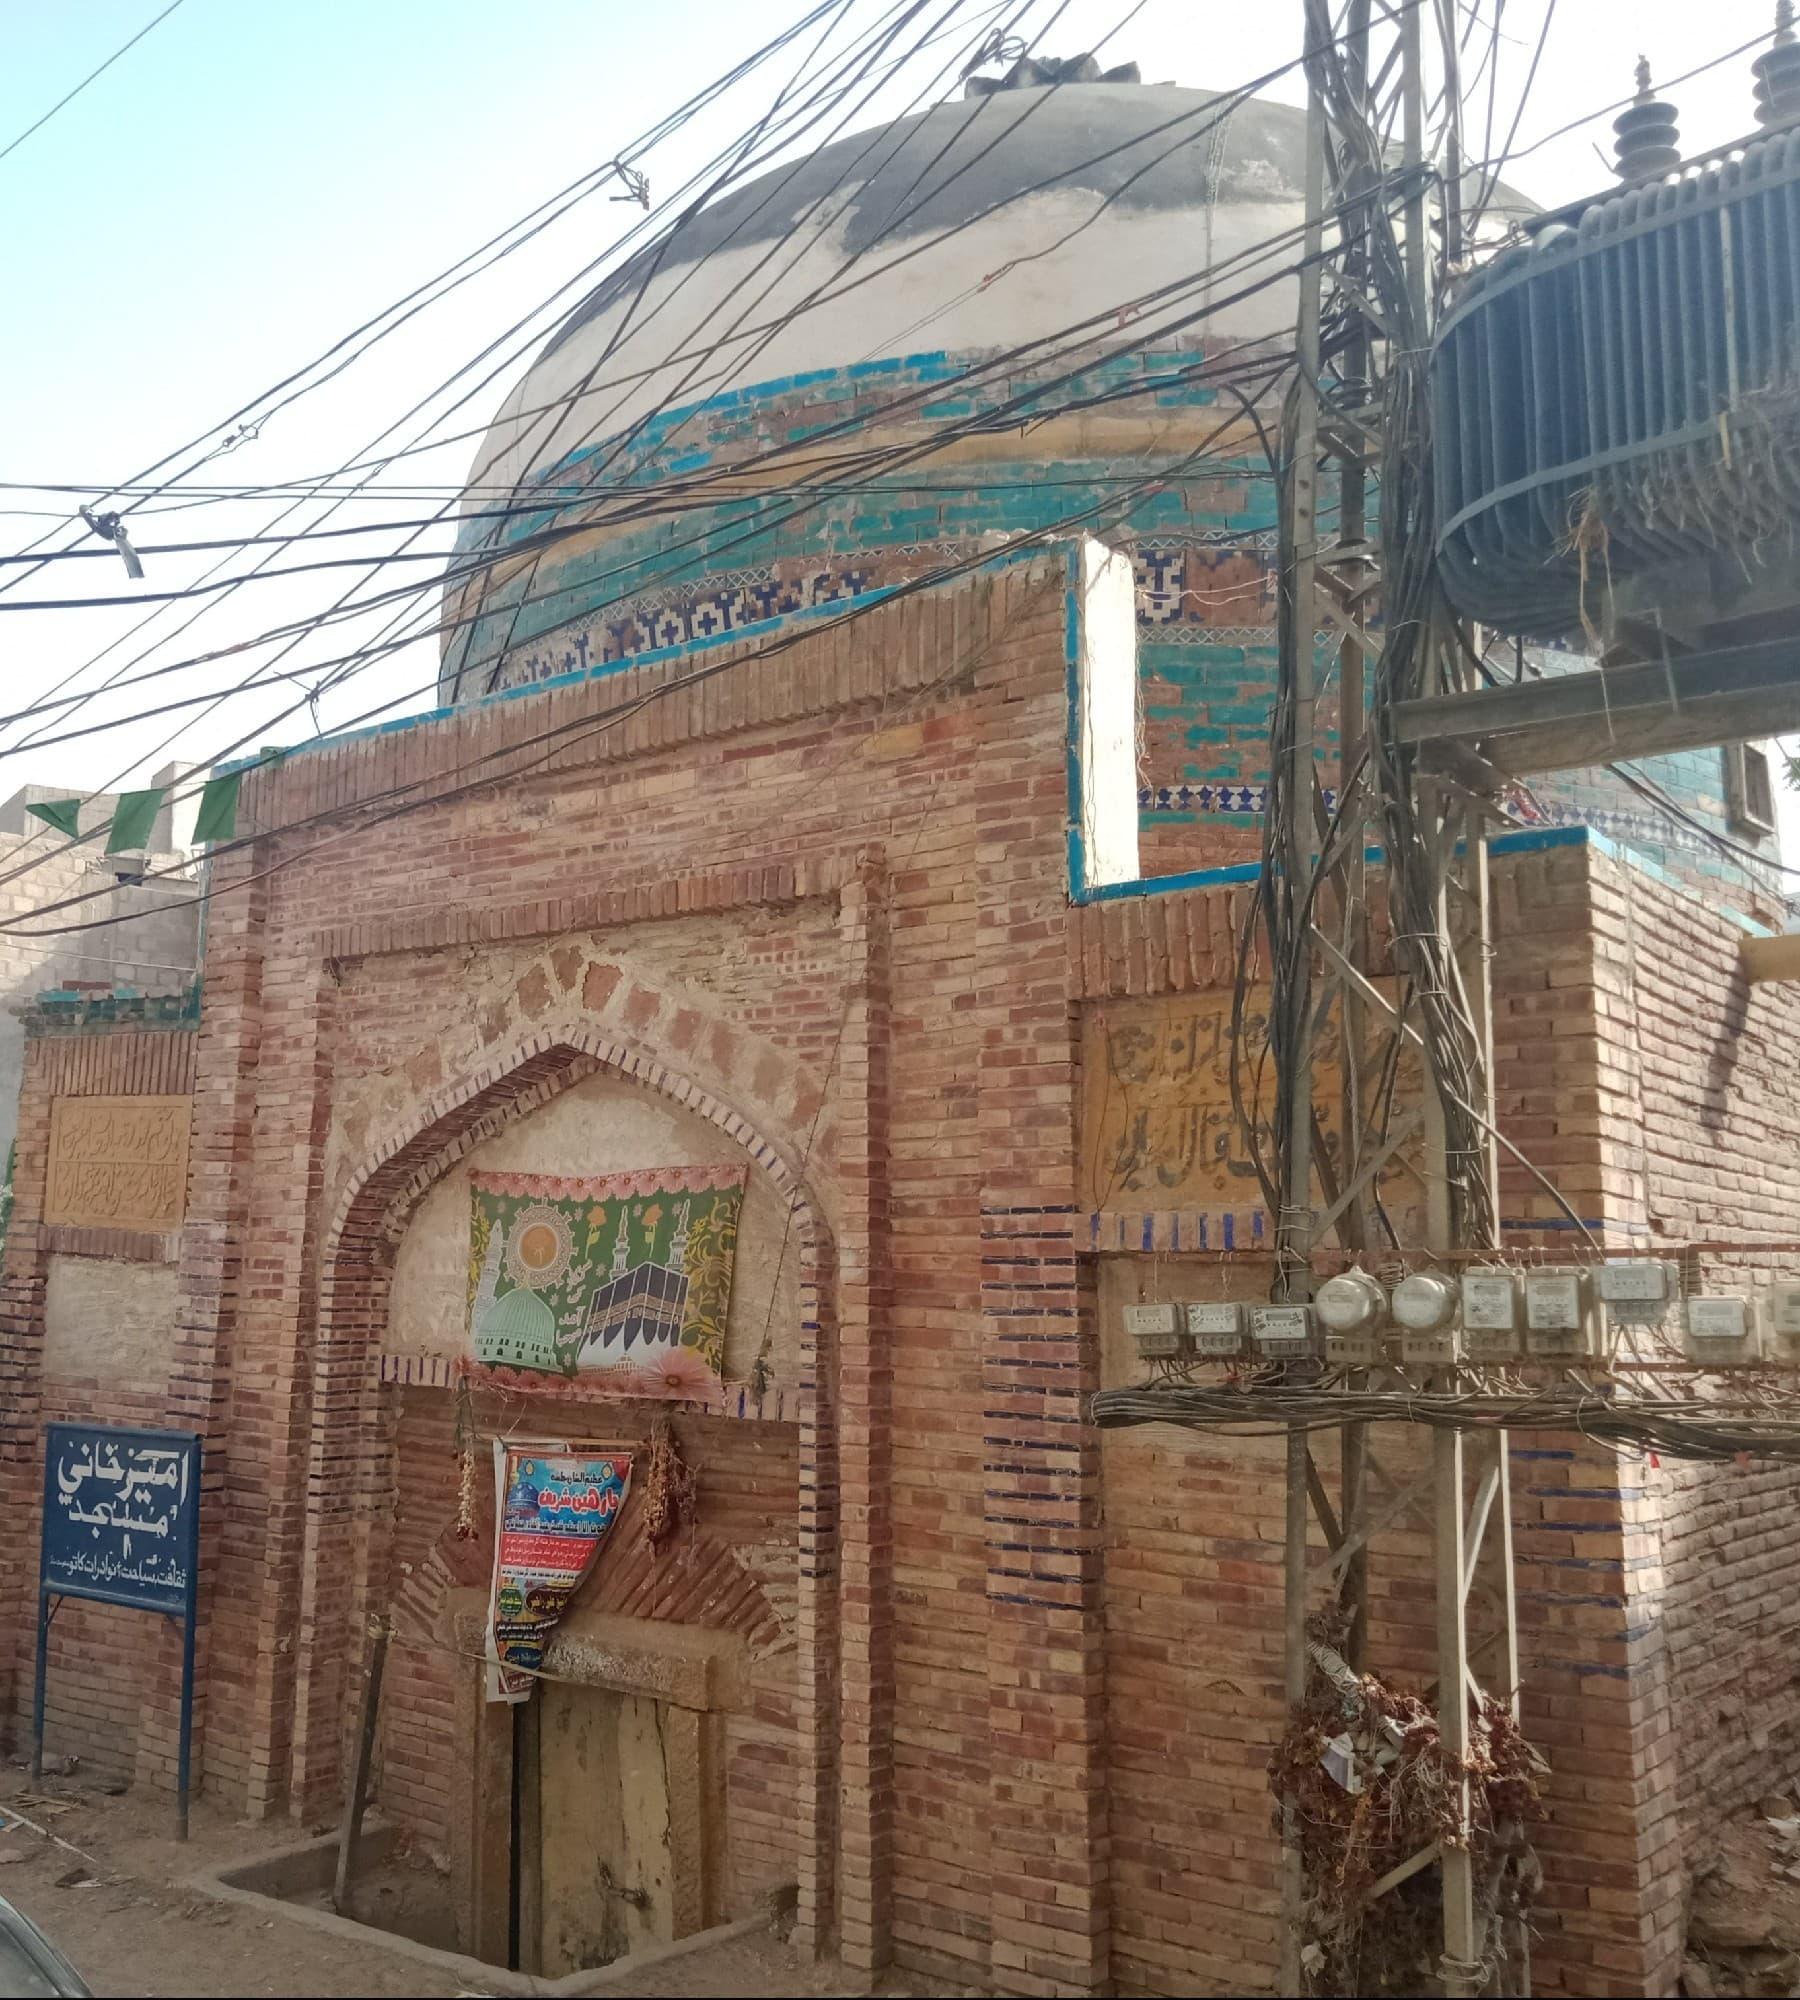 بدذوقی کی حد یہ ہے کہ ایک بجلی کا ٹرانسفارمر مسجد کی شمال میں نصب کیا ہوا ہے